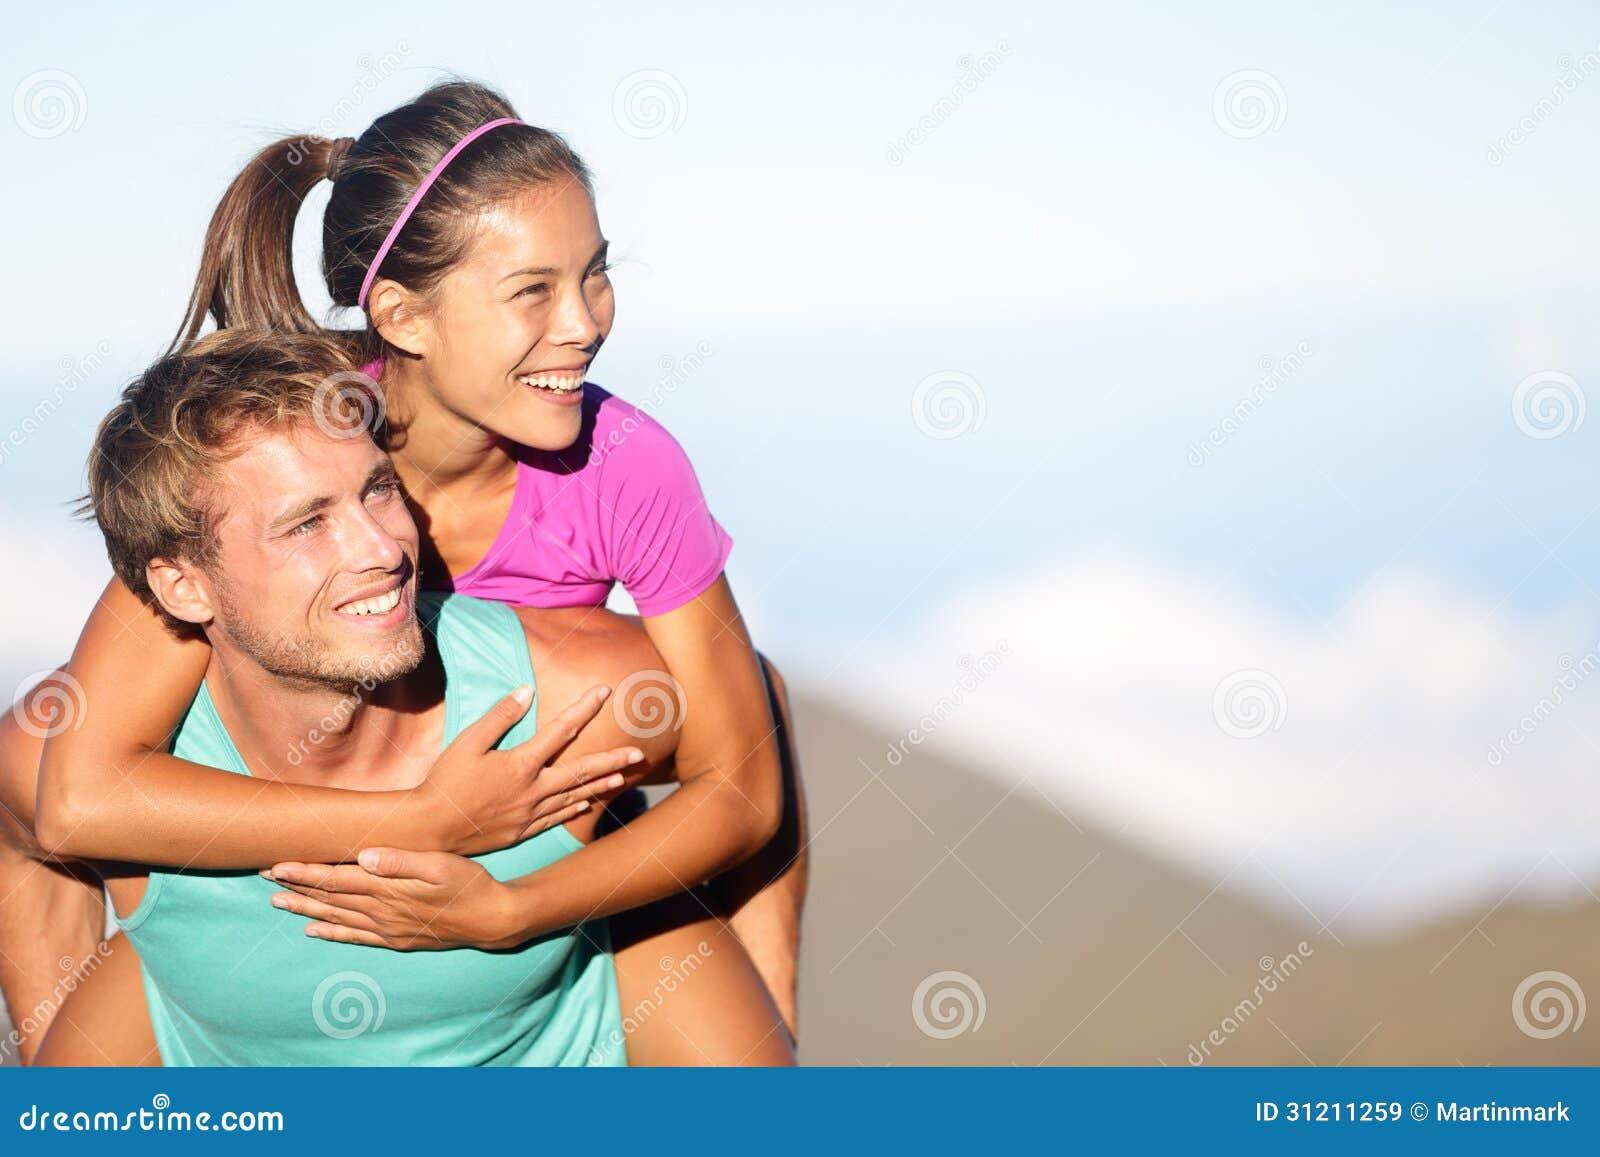 boy and girl beautiful sex potos